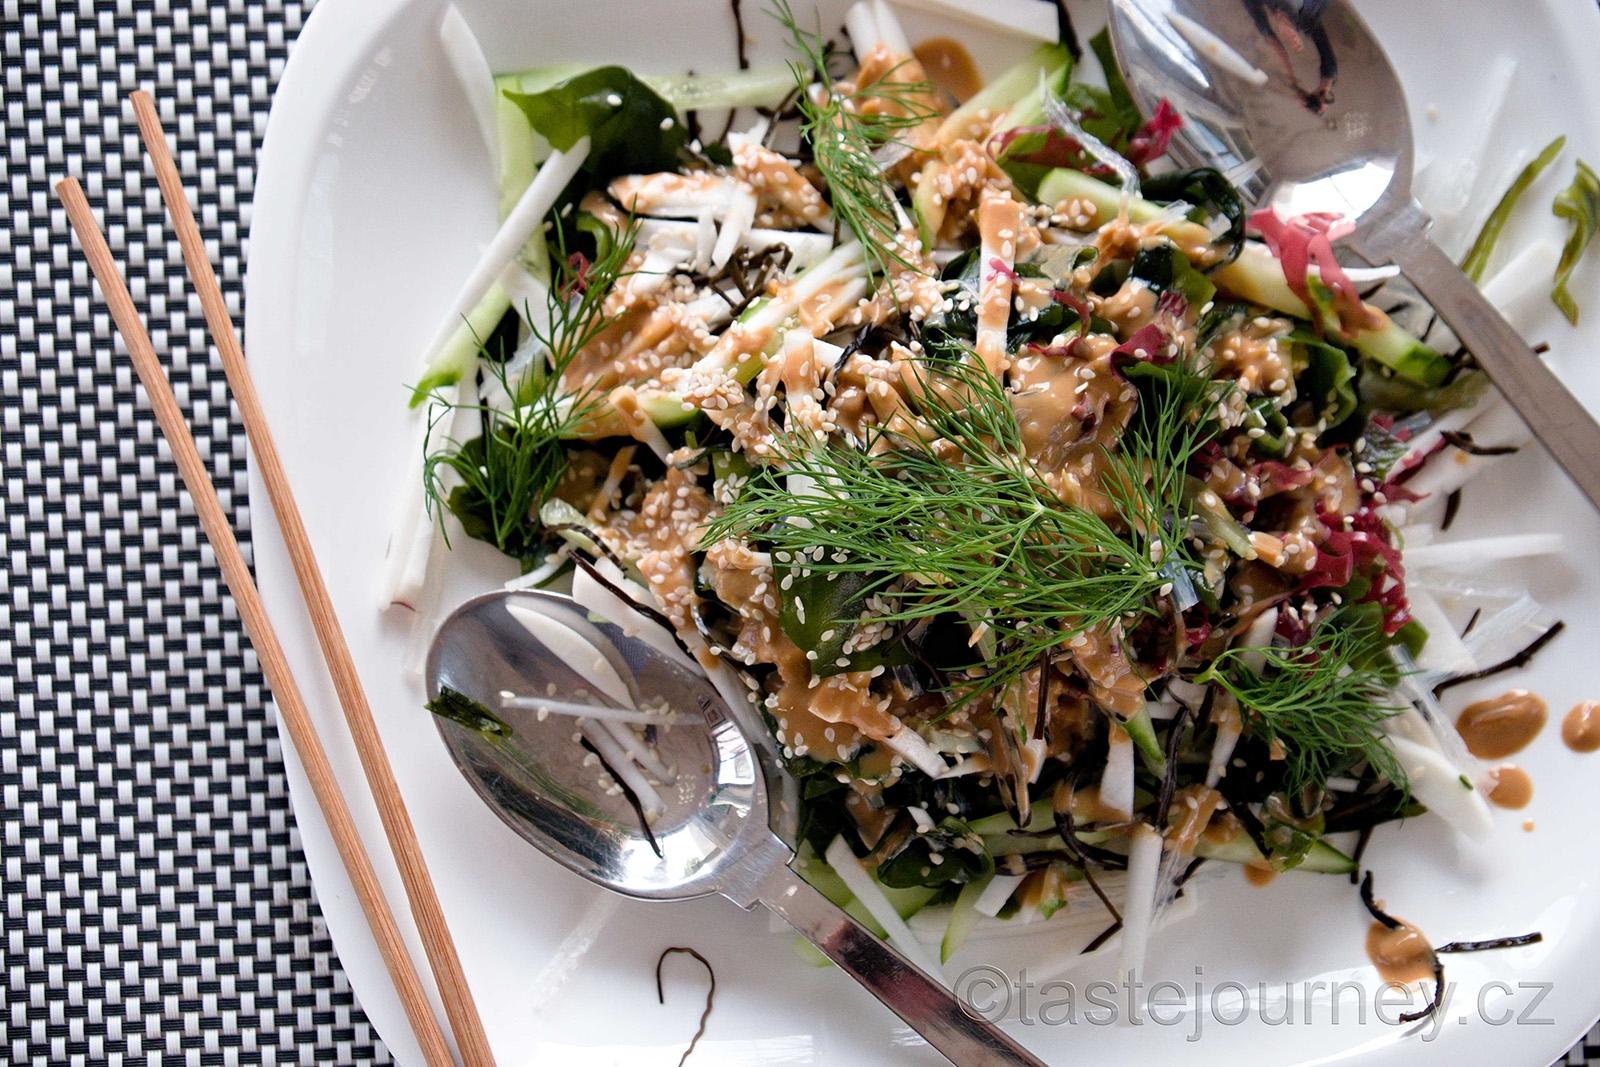 Dresing na salát z mořských řas obsahuje sezamovou pastu, sojovou omáčku a rýžový ocet